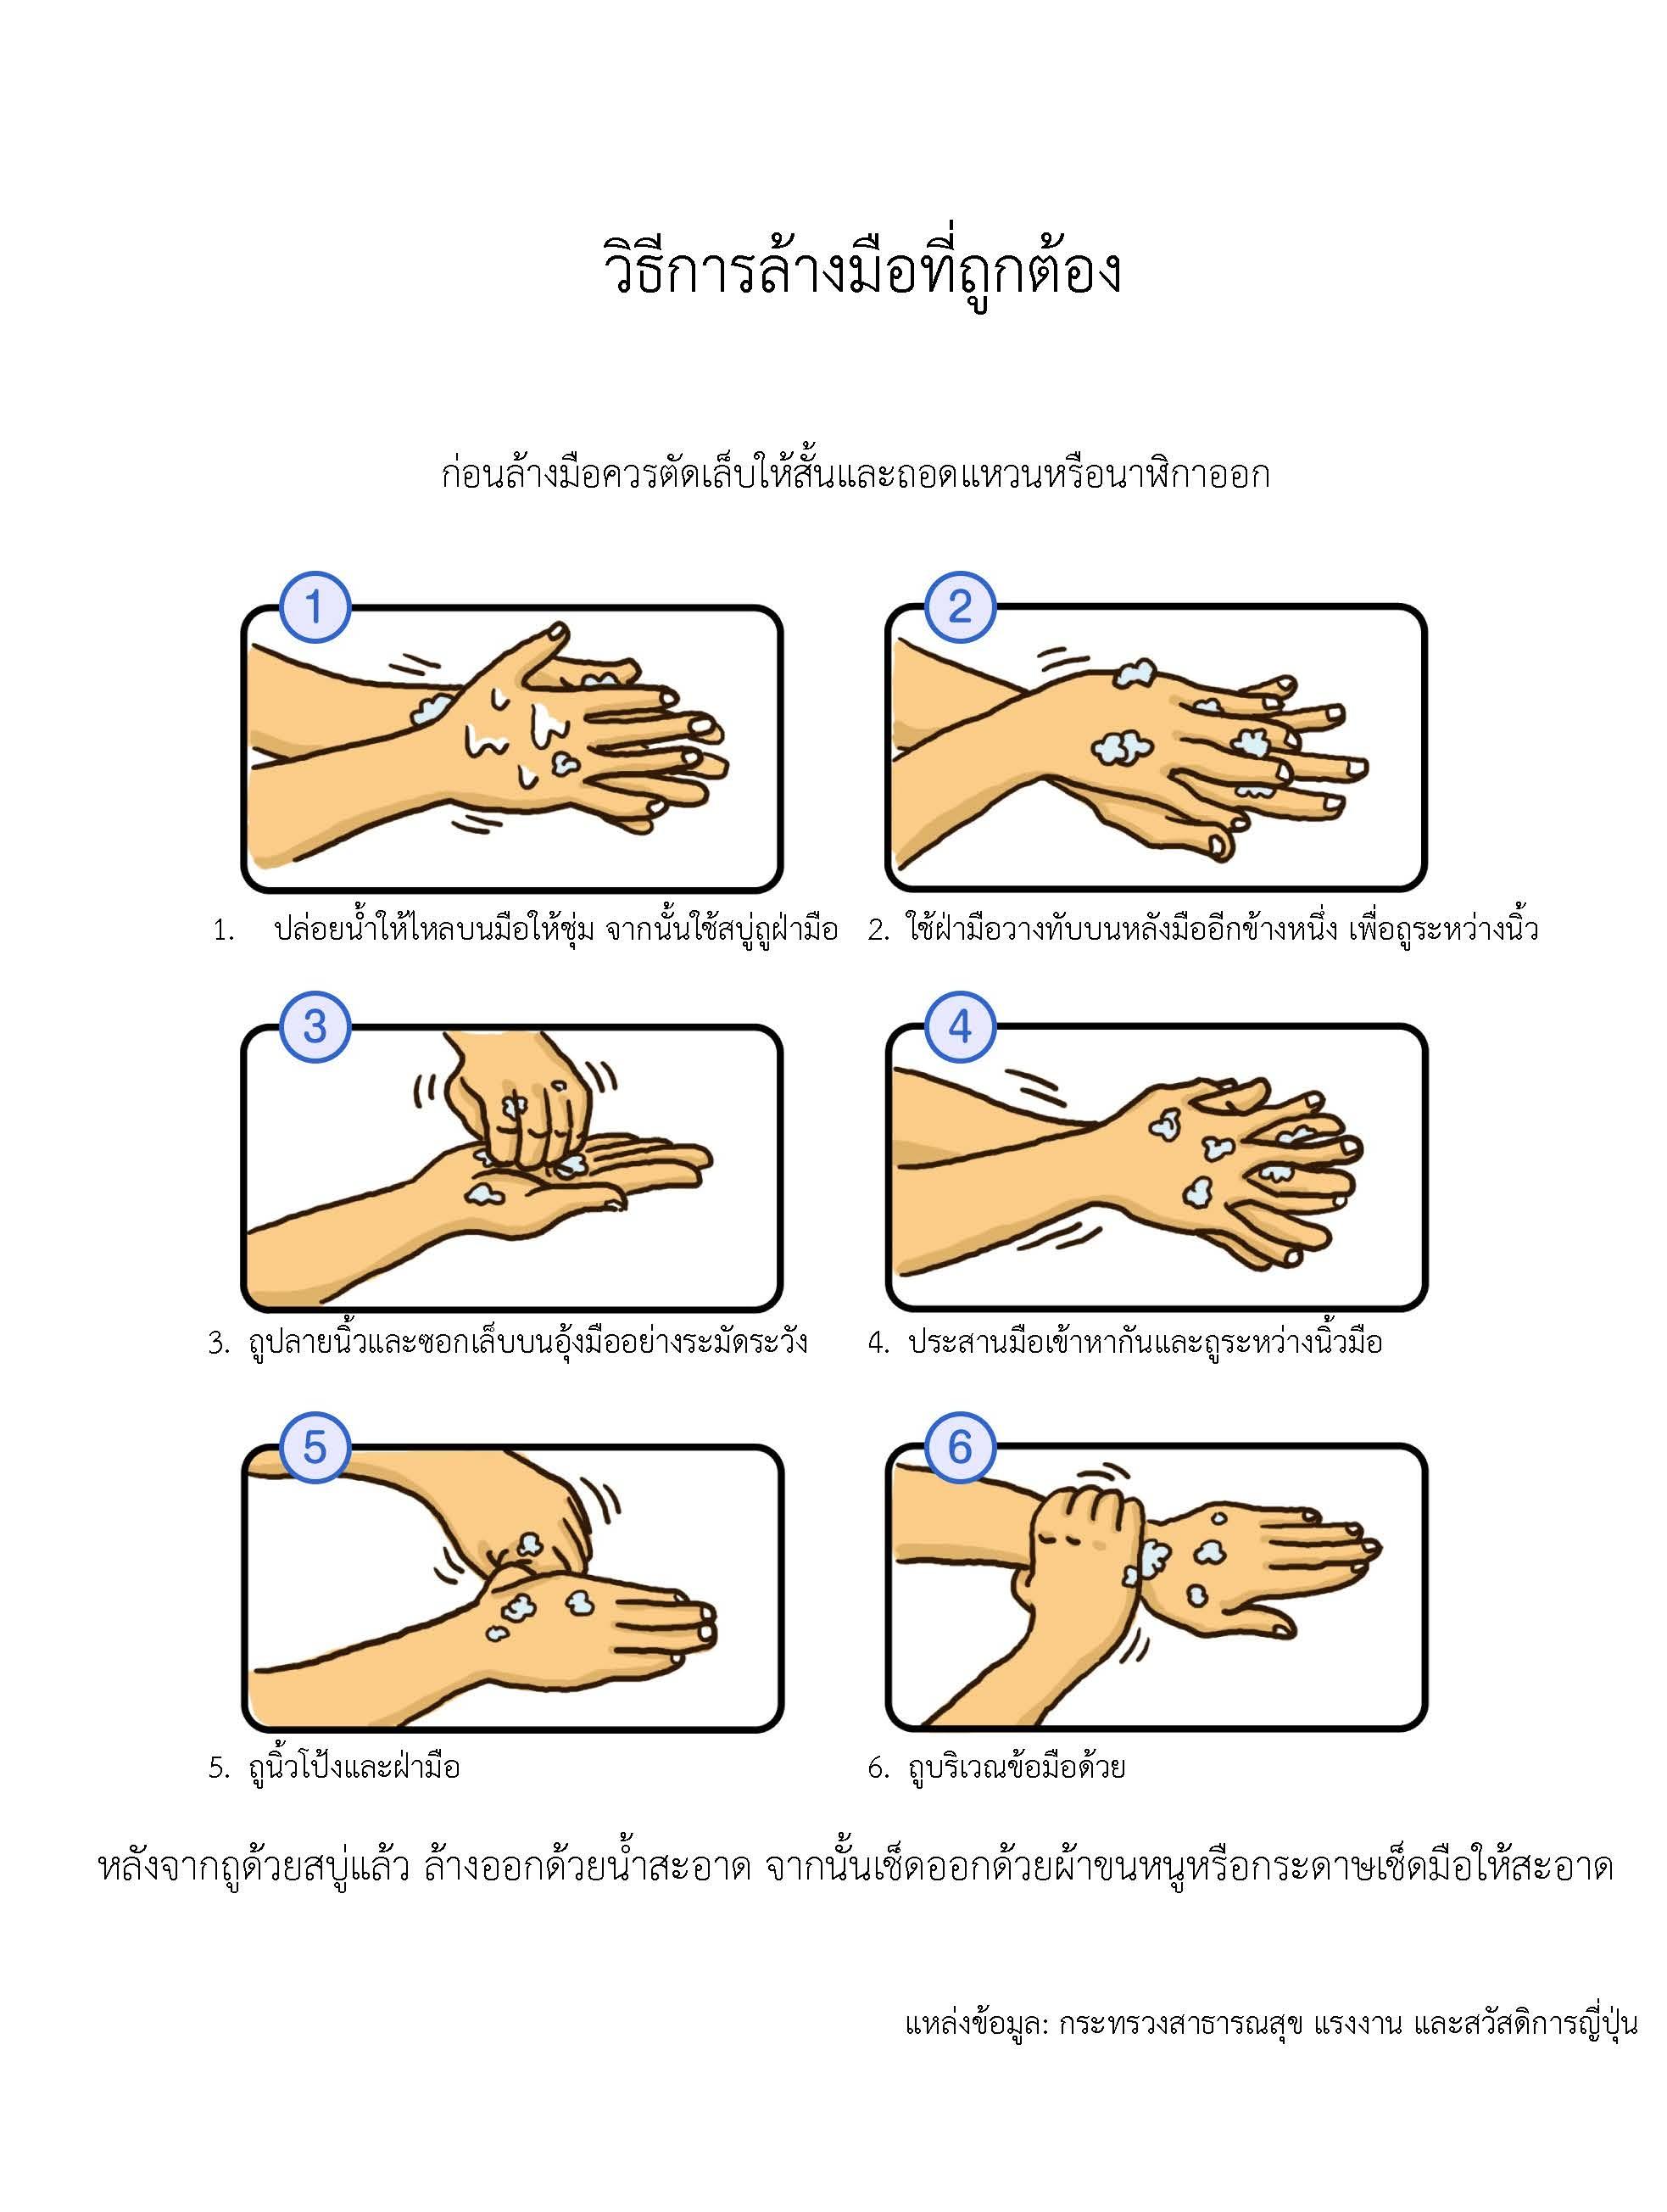 06_03_(แบบพิมพ์ภาษาไทย)